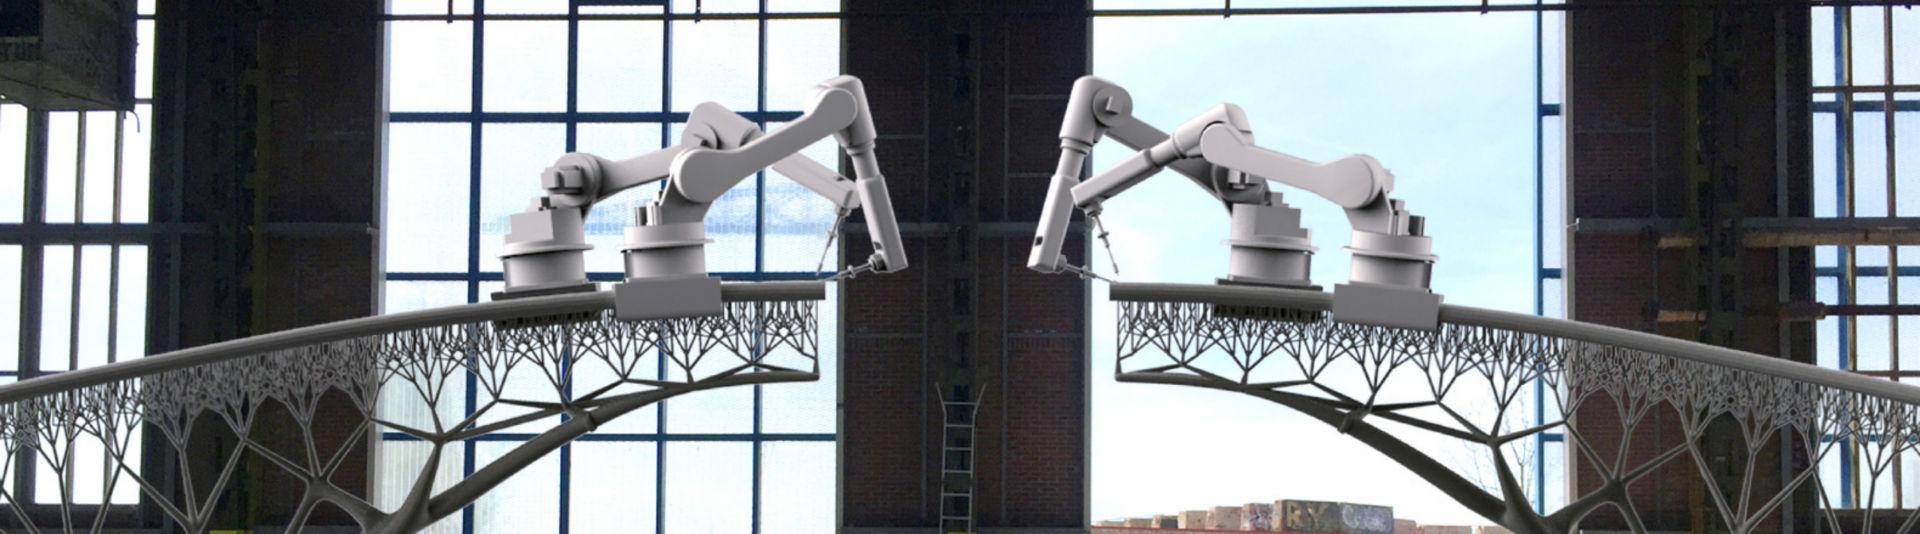 3D printed Steel bridge by MX3D